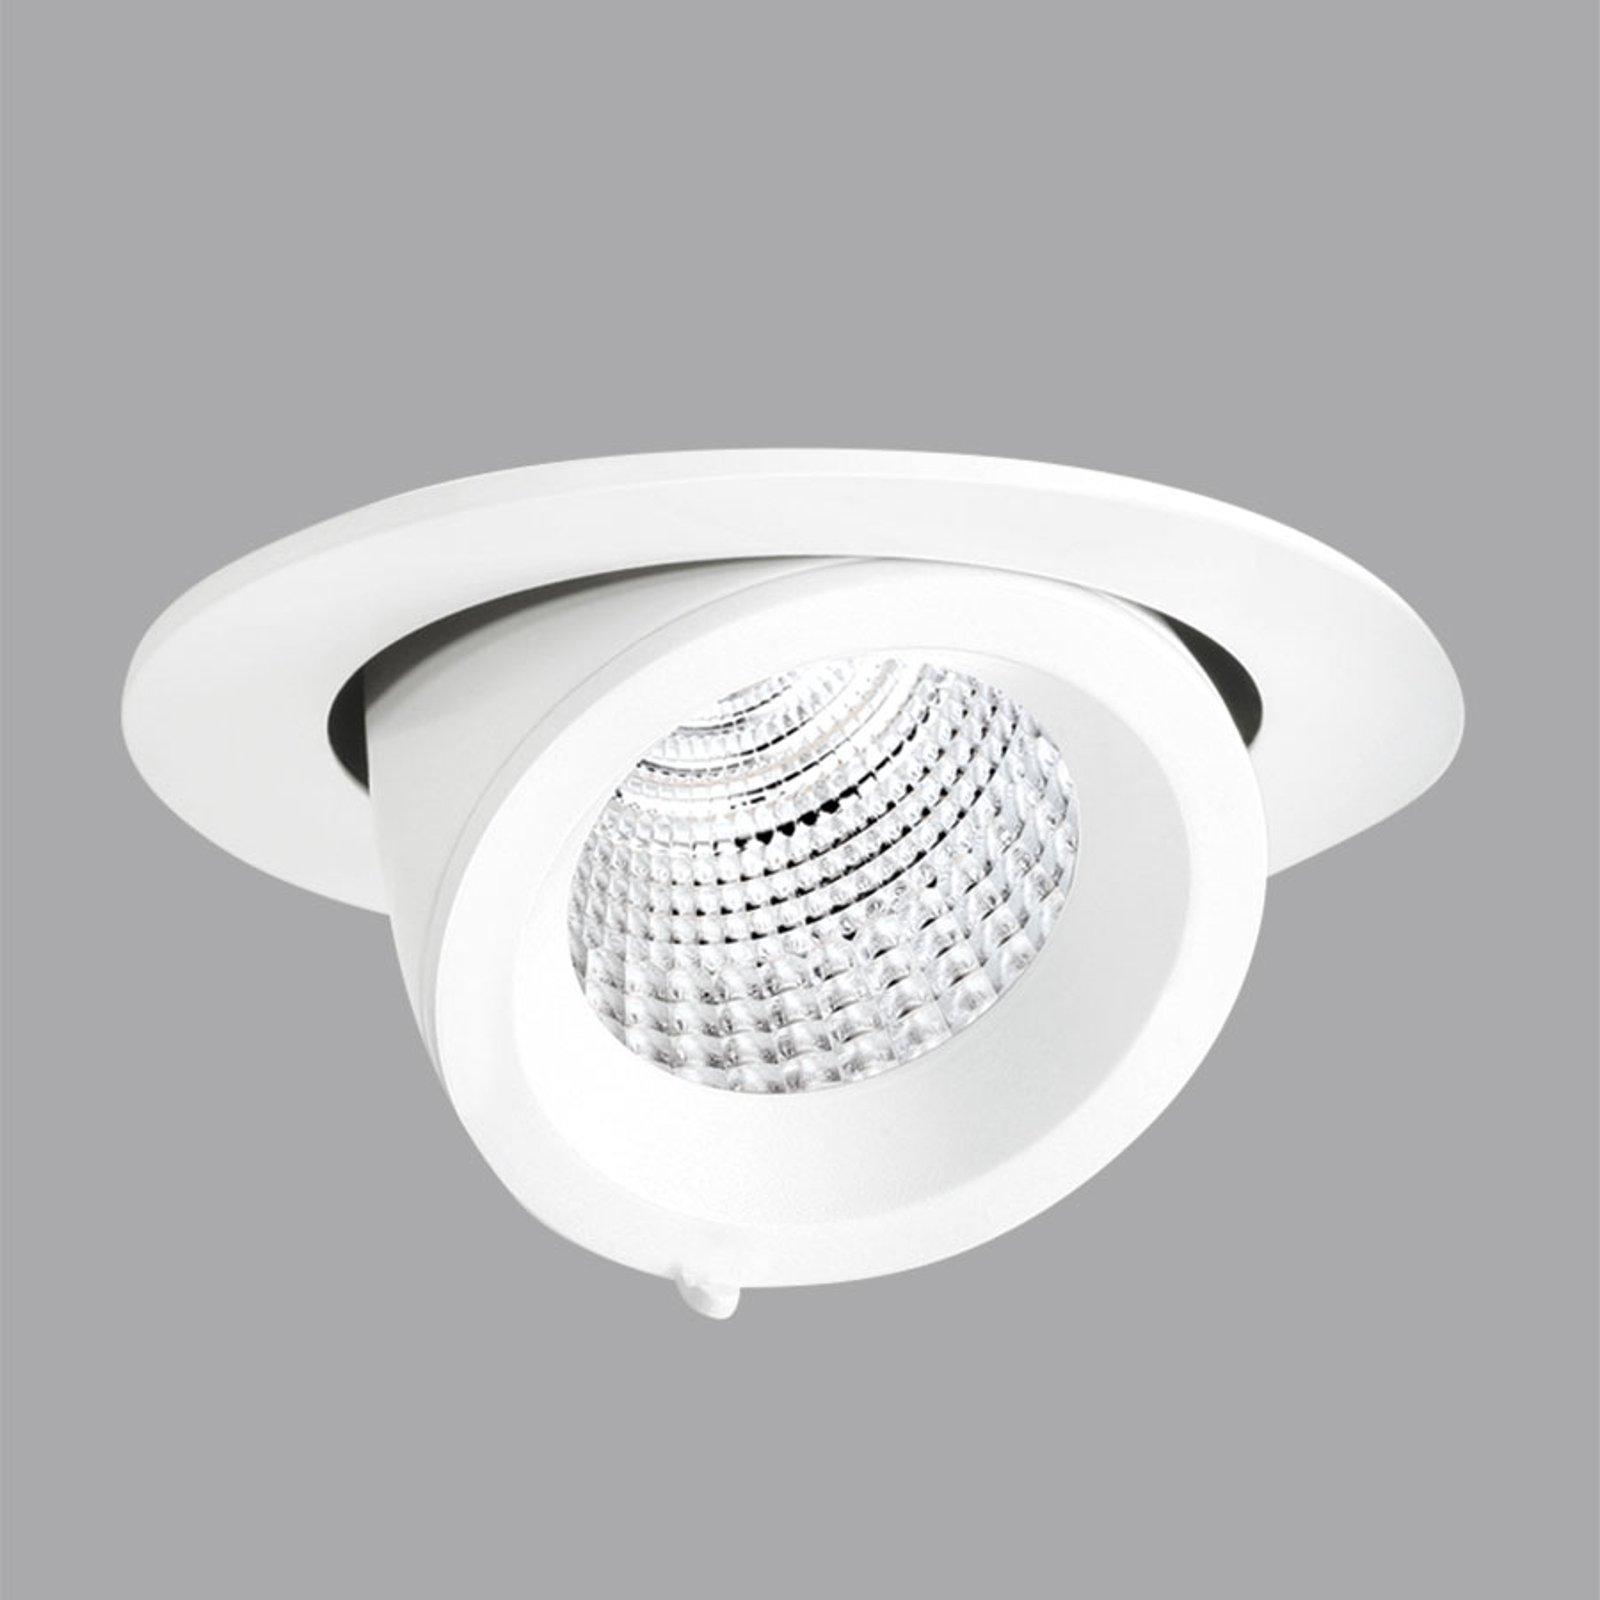 EB431 LED-downlight flood reflektor hvit varmhvit